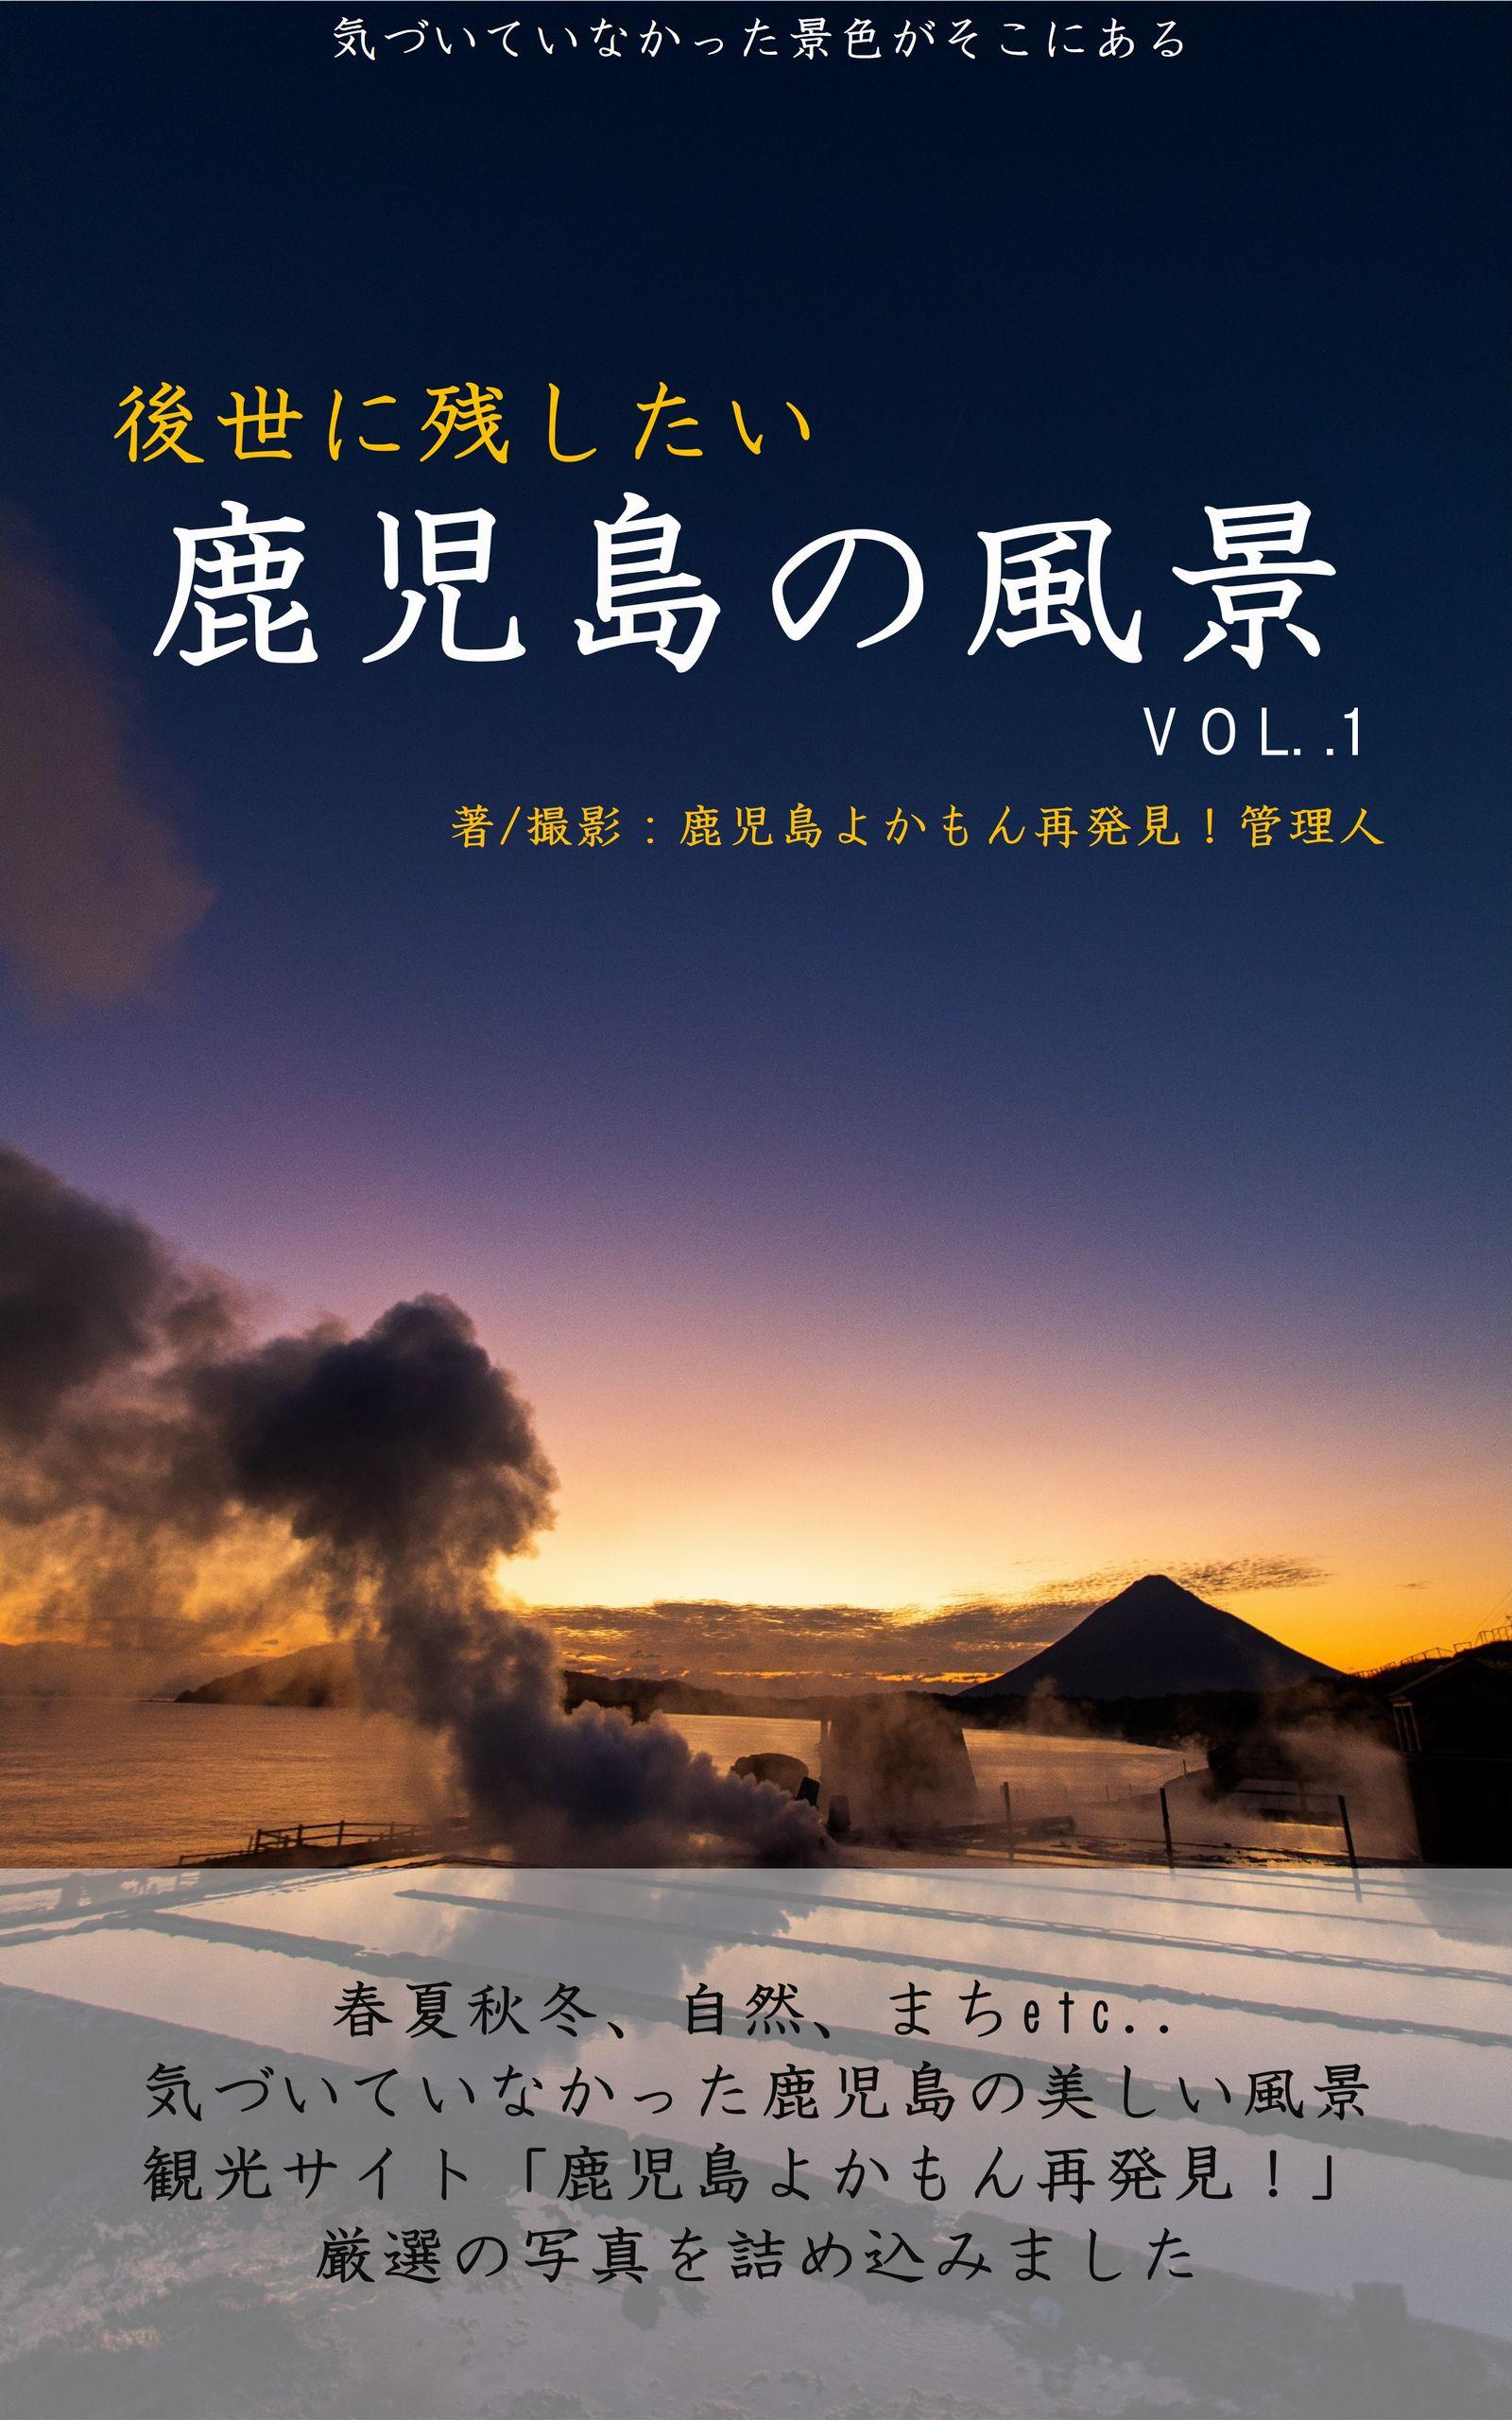 『後世に残したい鹿児島の風景』出版のお知らせ